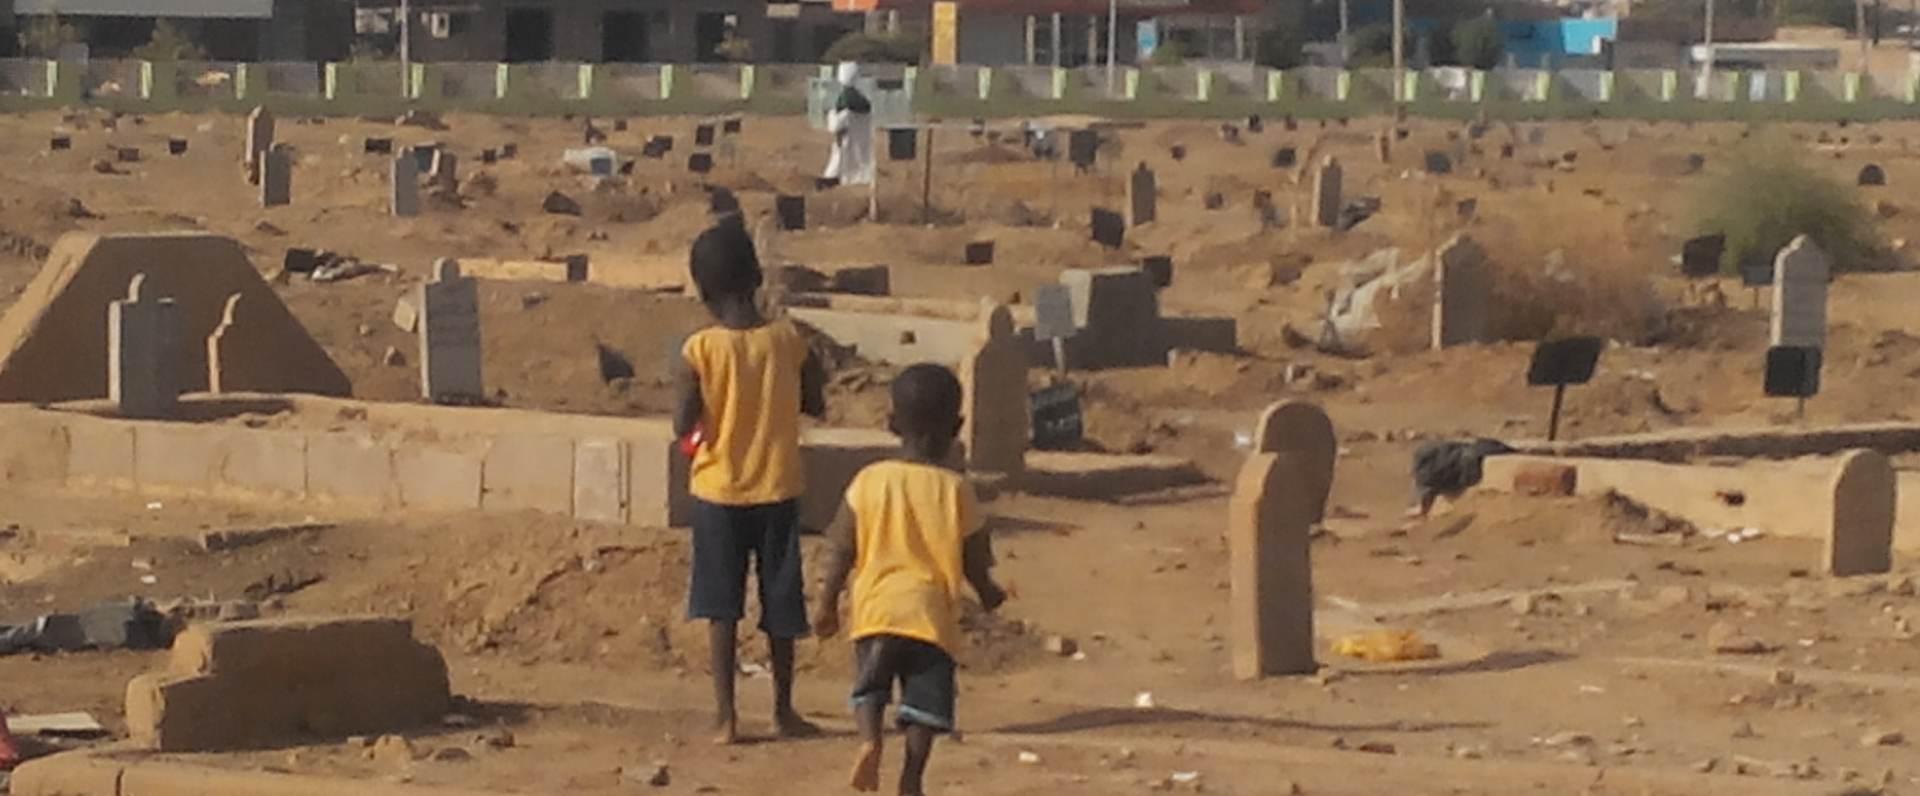 JUŽNI SUDAN Prvi puta nakon šest godina proglašena glad